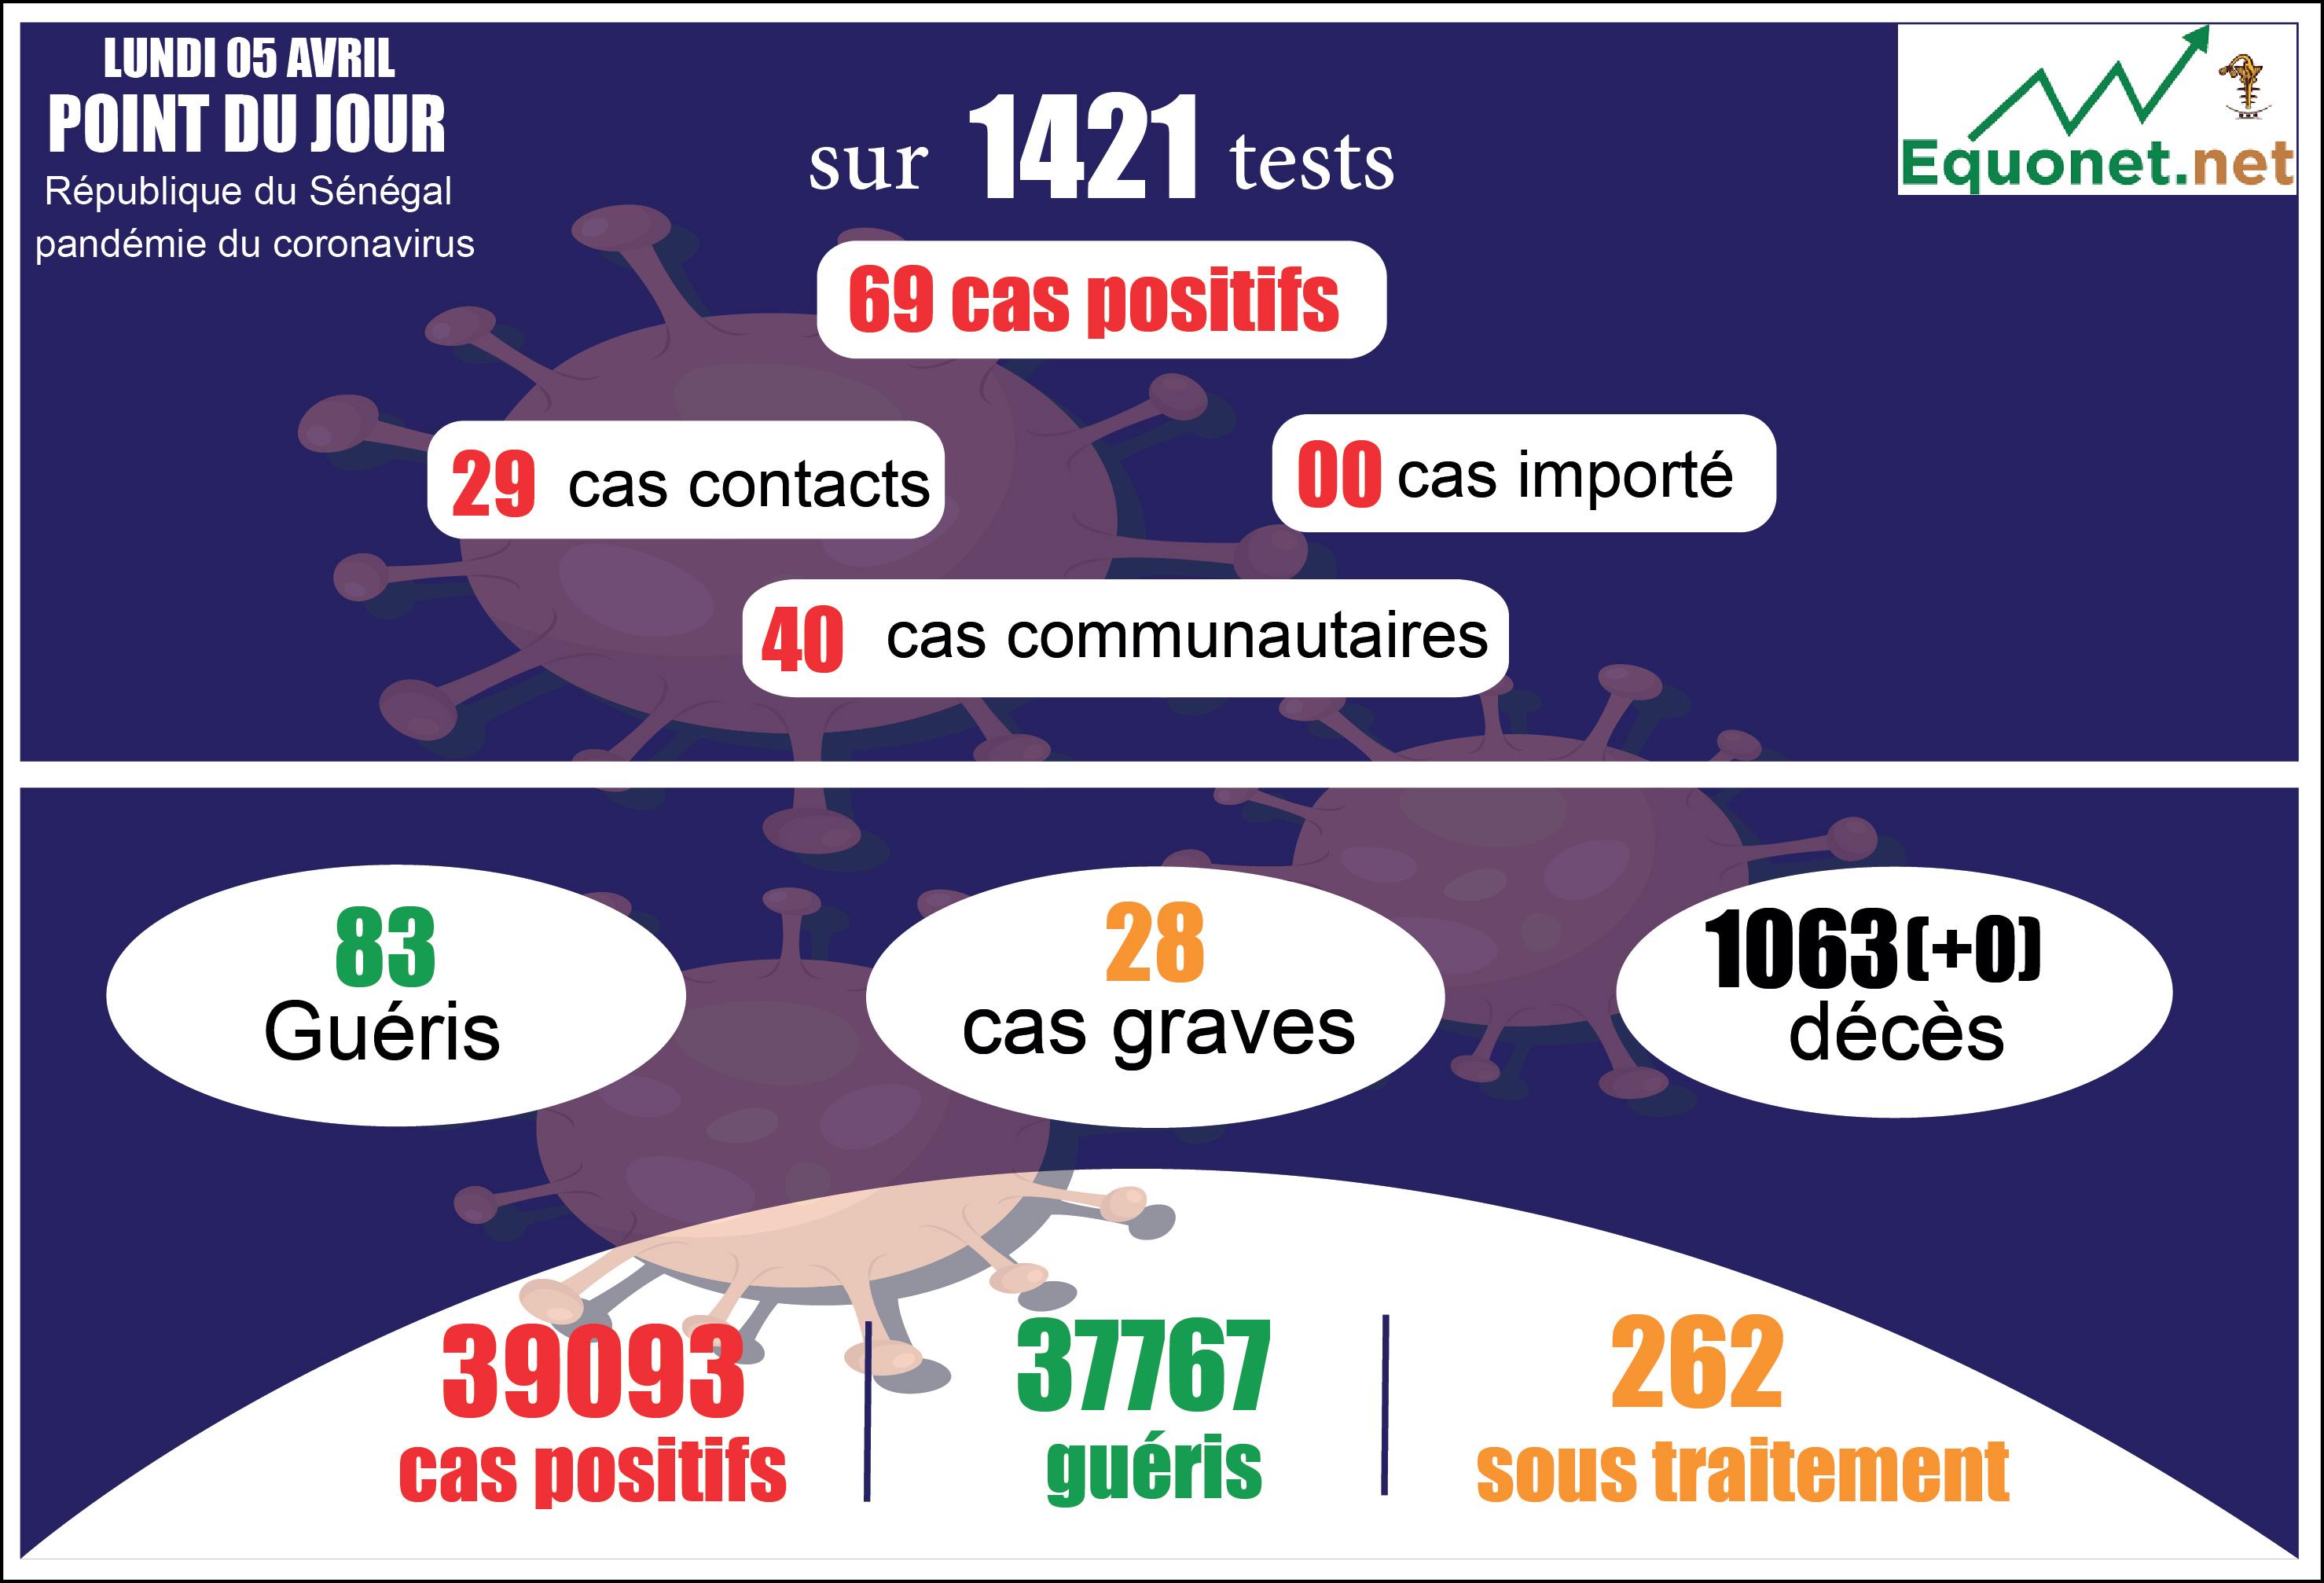 pandémie du coronavirus-covid-19 au sénégal : 40 cas communautaires et 00 décès enregistrés ce lundi 5 avril 2021